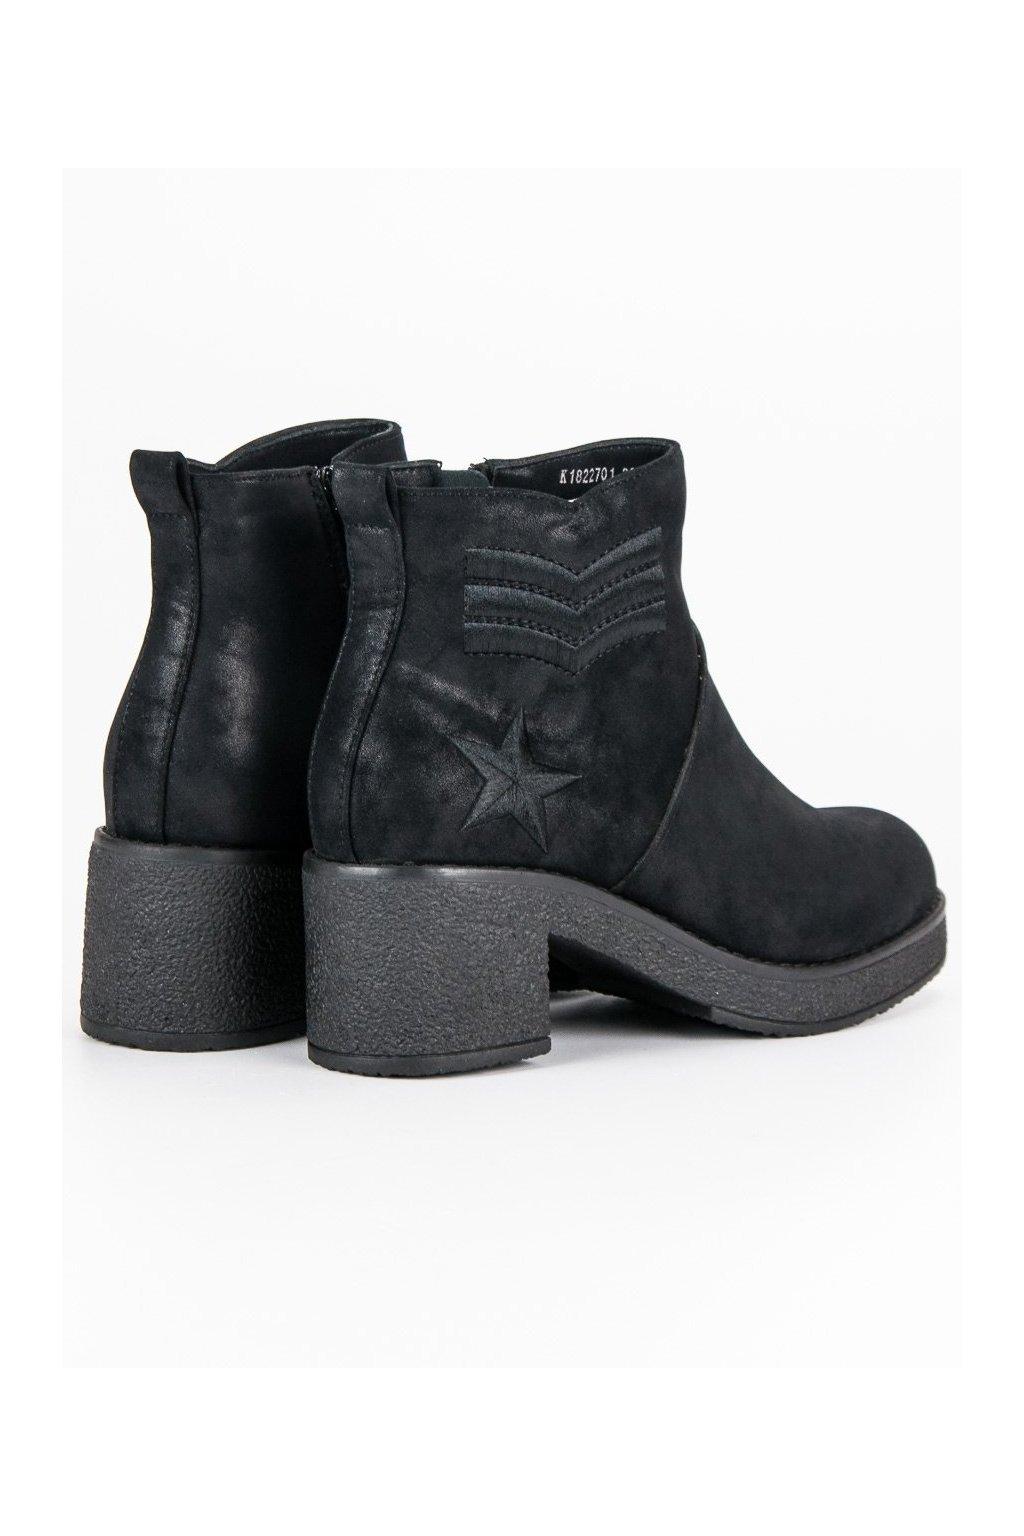 Dámske členkové topánky čierne vojenské čižmy Kylie 51ccc4590fa